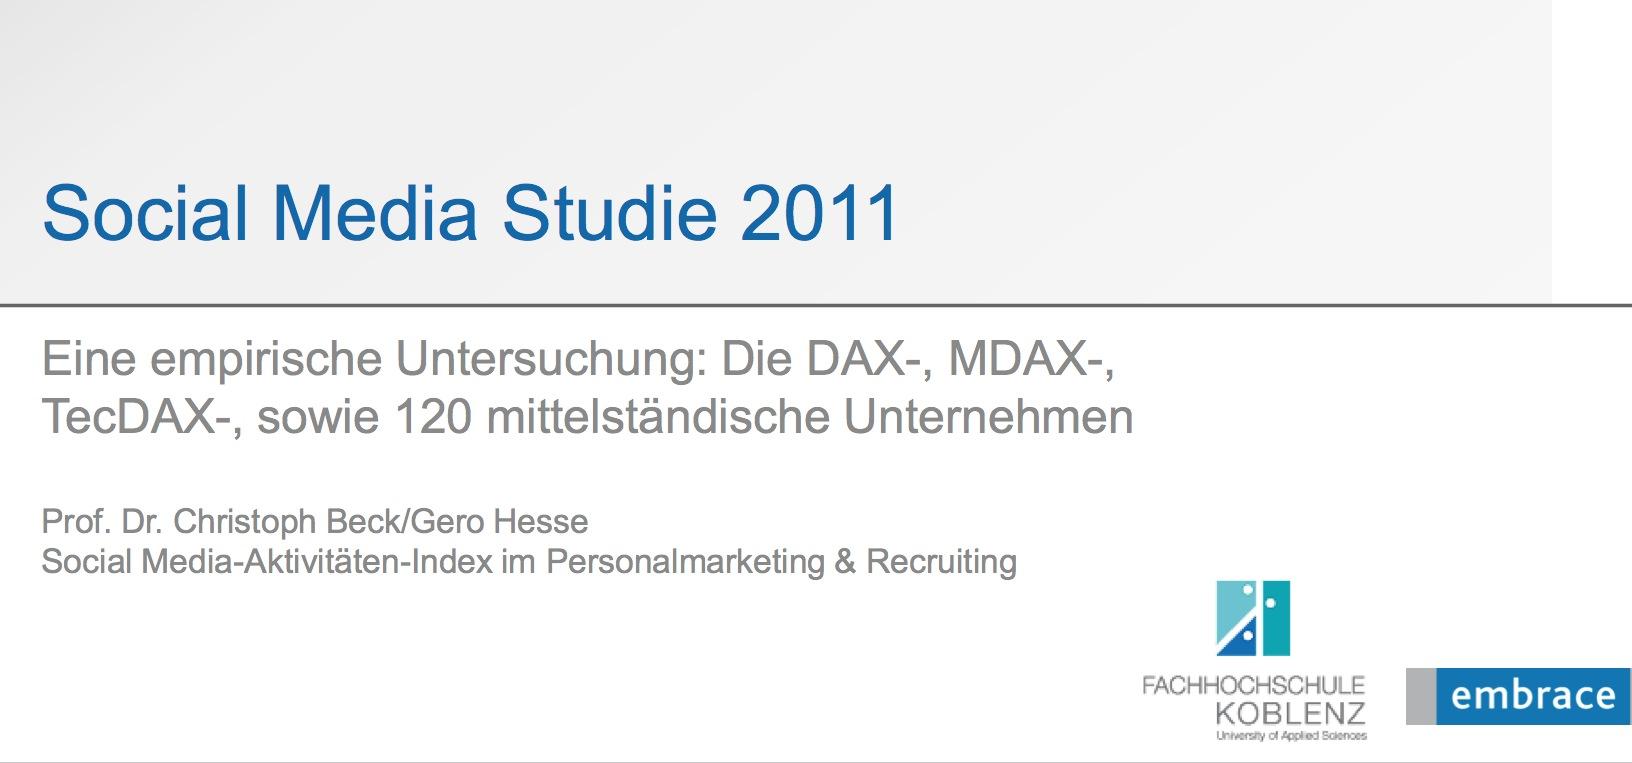 Pulsmesser über Social-Media-Aktivitäten der DAX-Konzerne